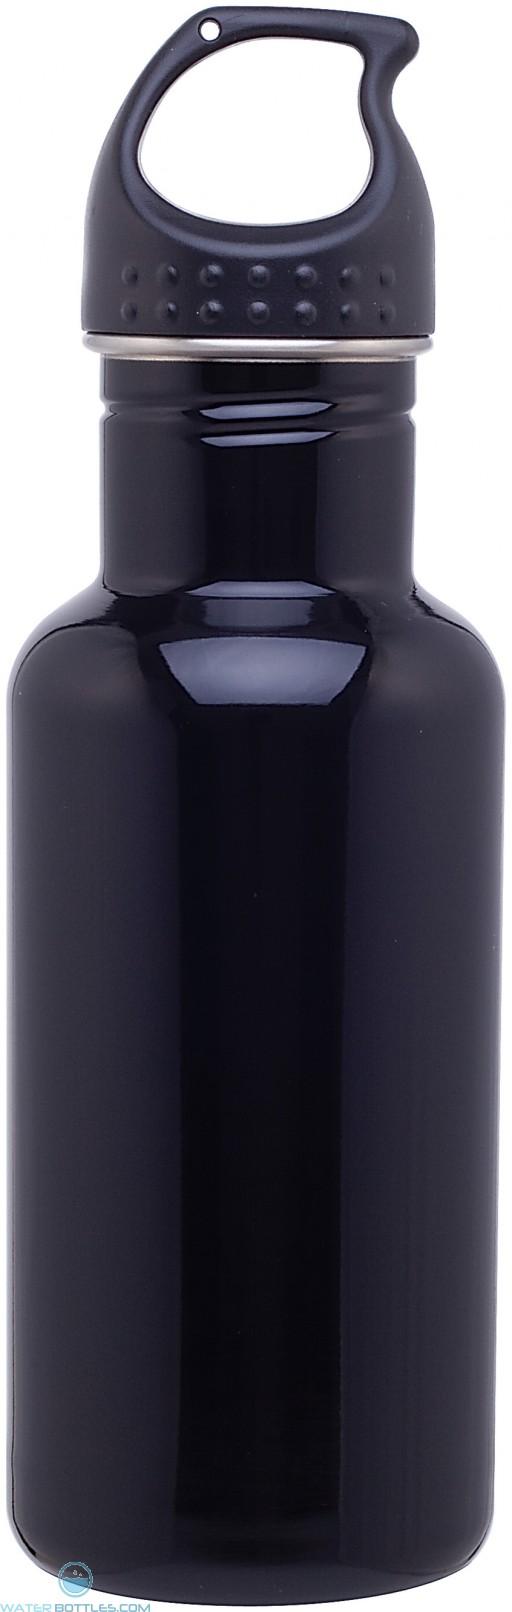 H2Go Stainless Steel Bolt | 18 oz - Black